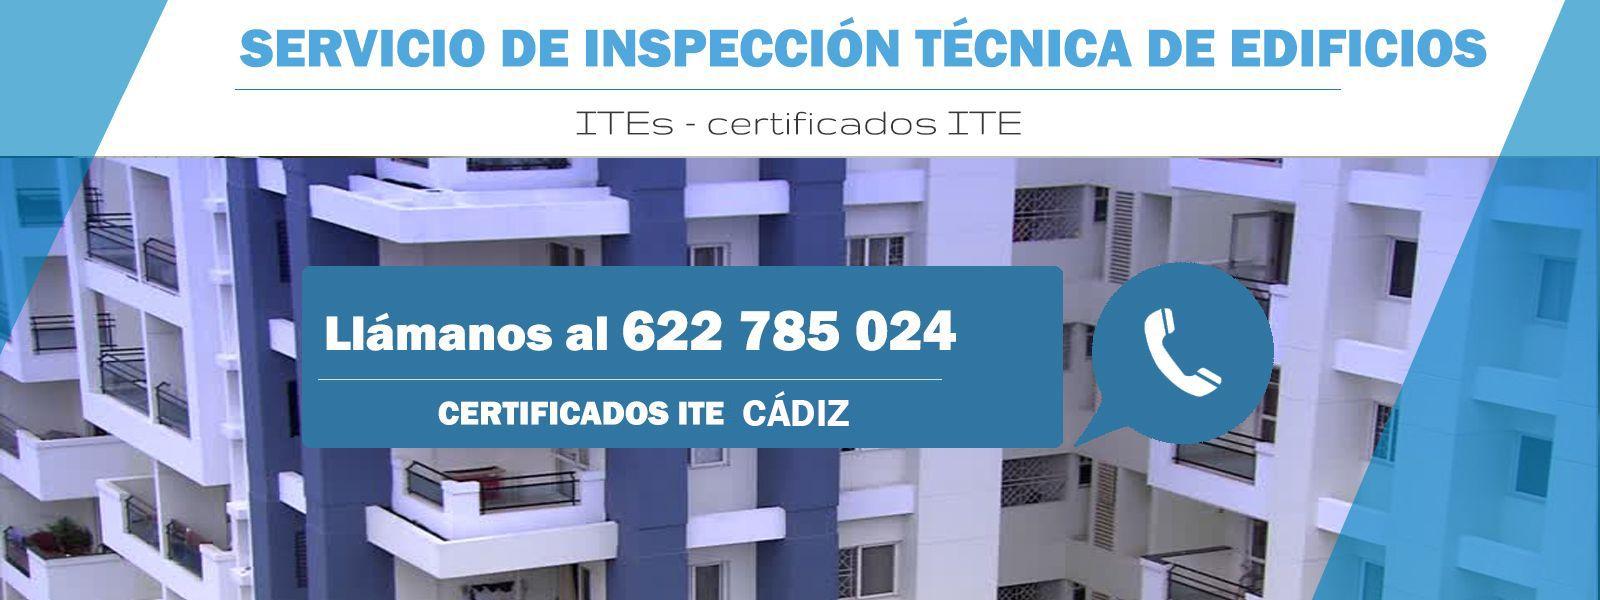 Inspección Técnica de edificios en Cádiz